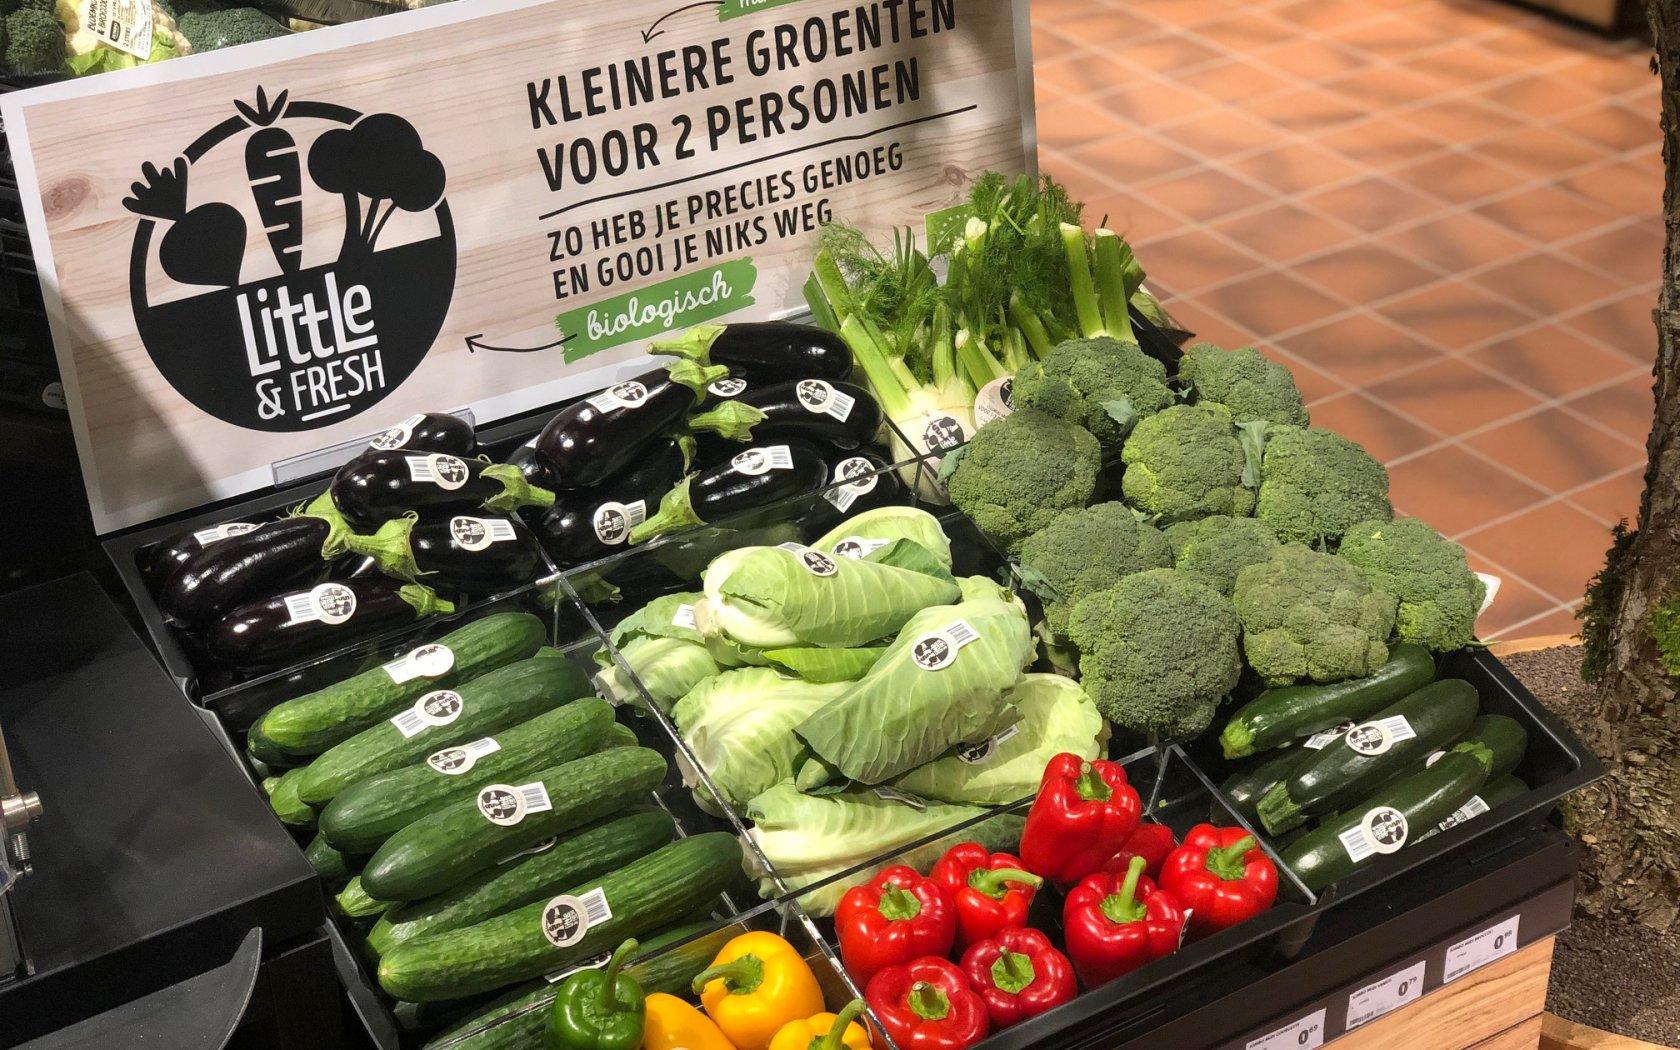 Ketenproject richt zich op minder verspilling met kleinere groente